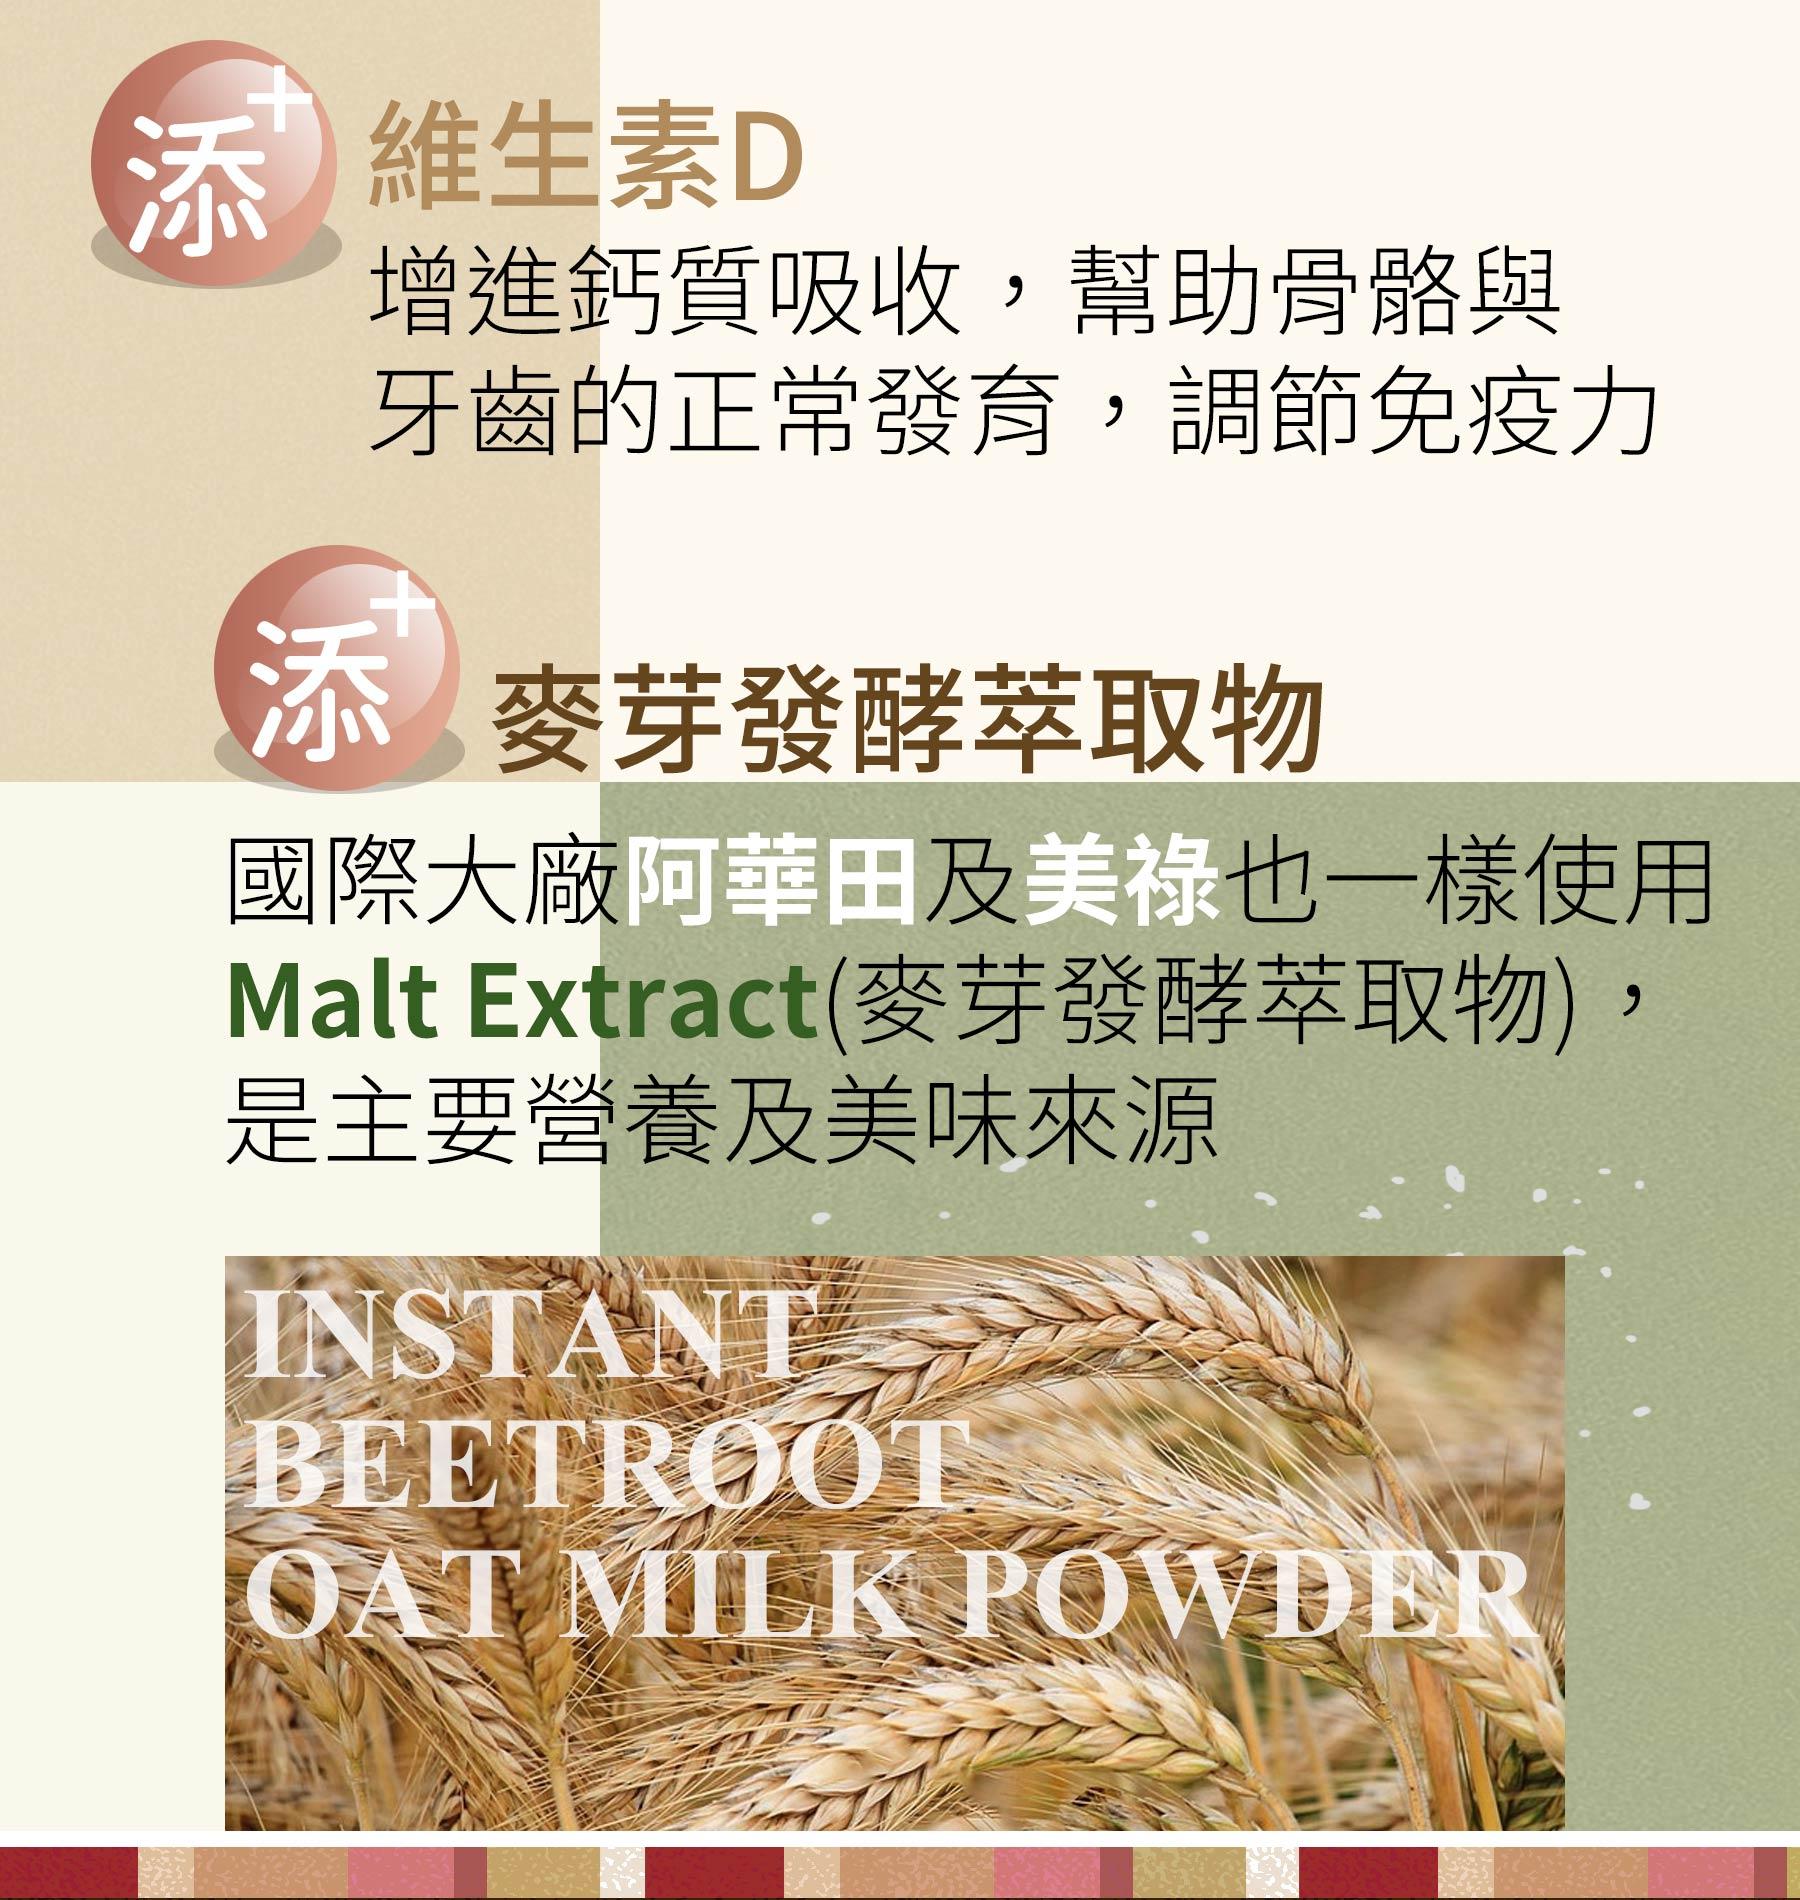 即溶甜菜根酵解燕麥奶含麥芽發酵萃取物